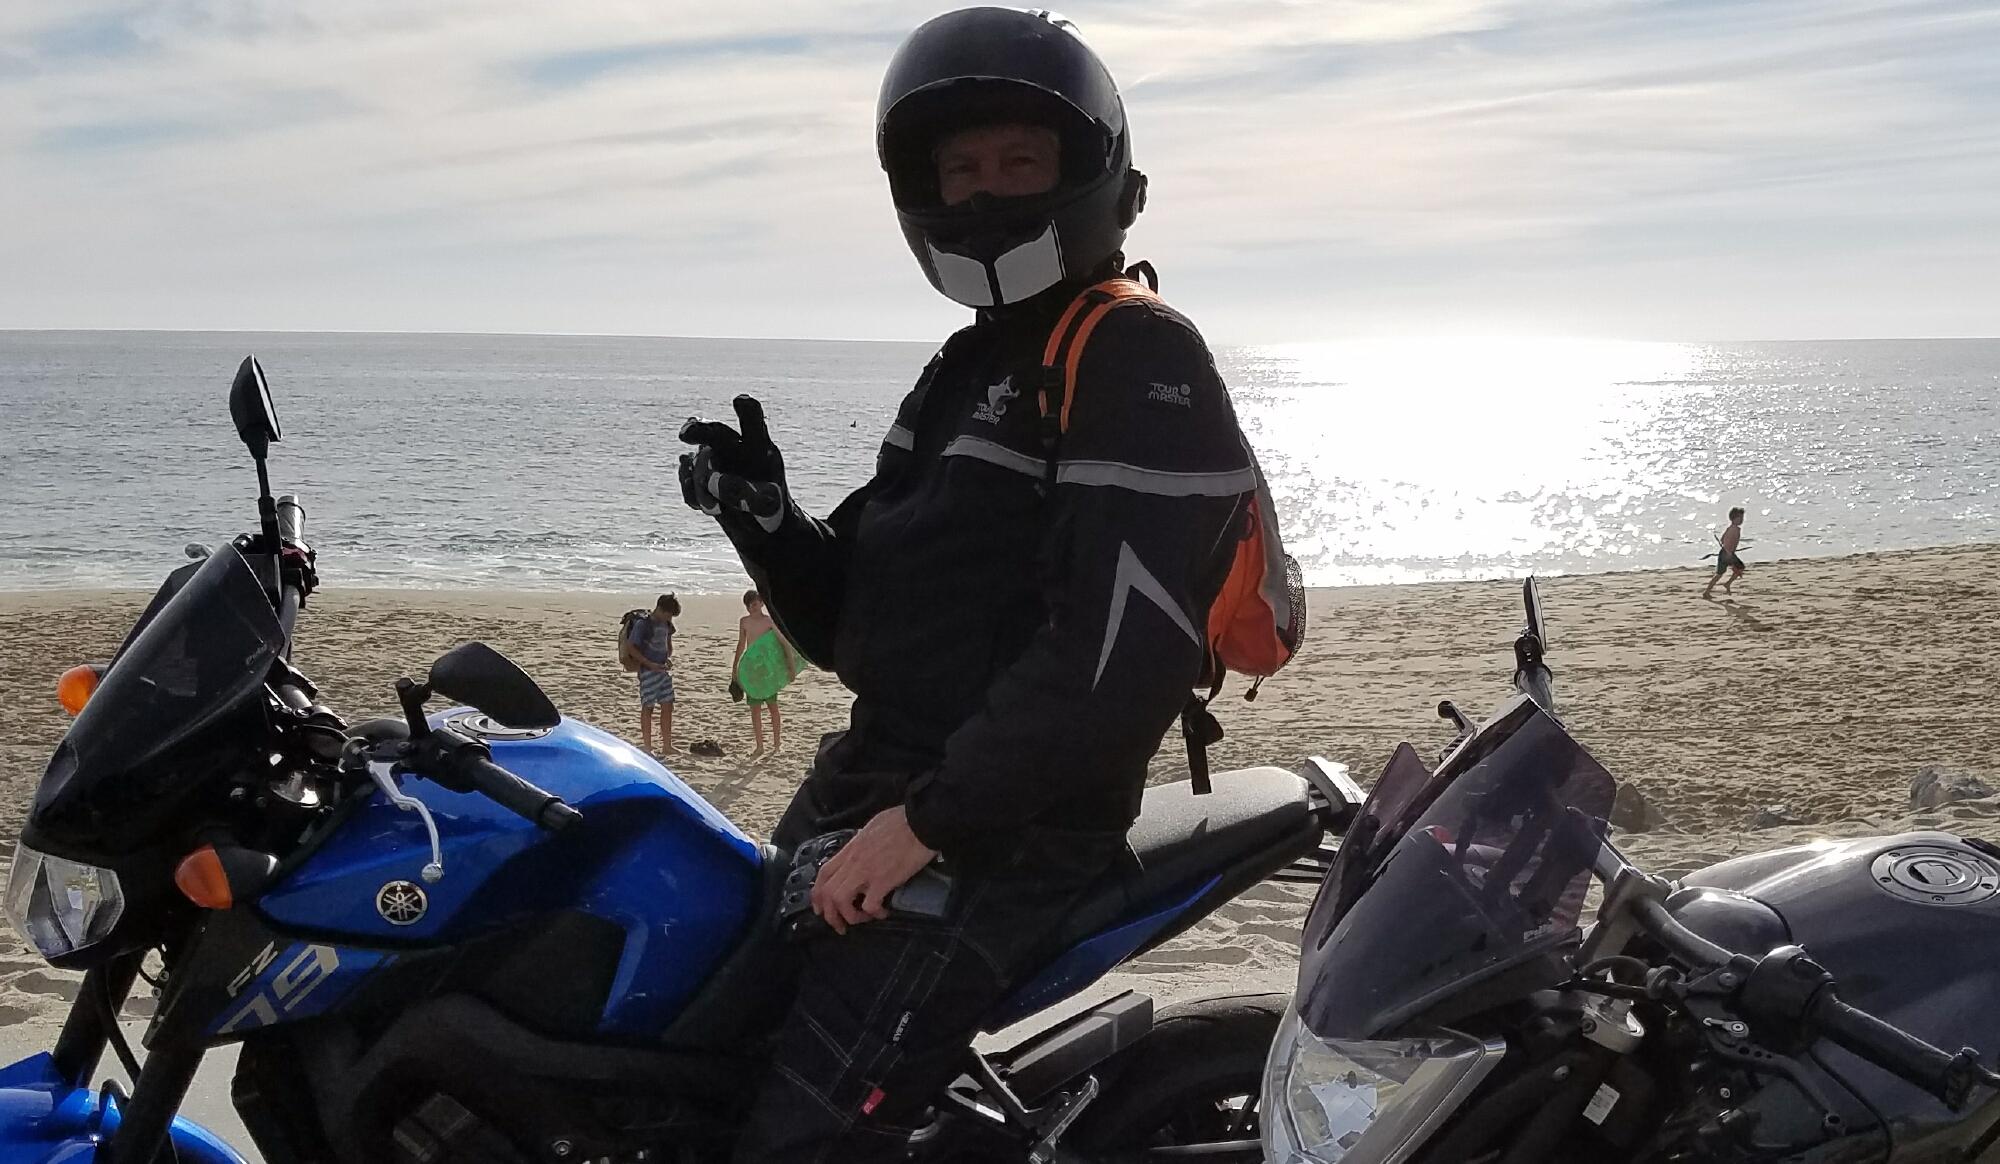 JR_bike_170722